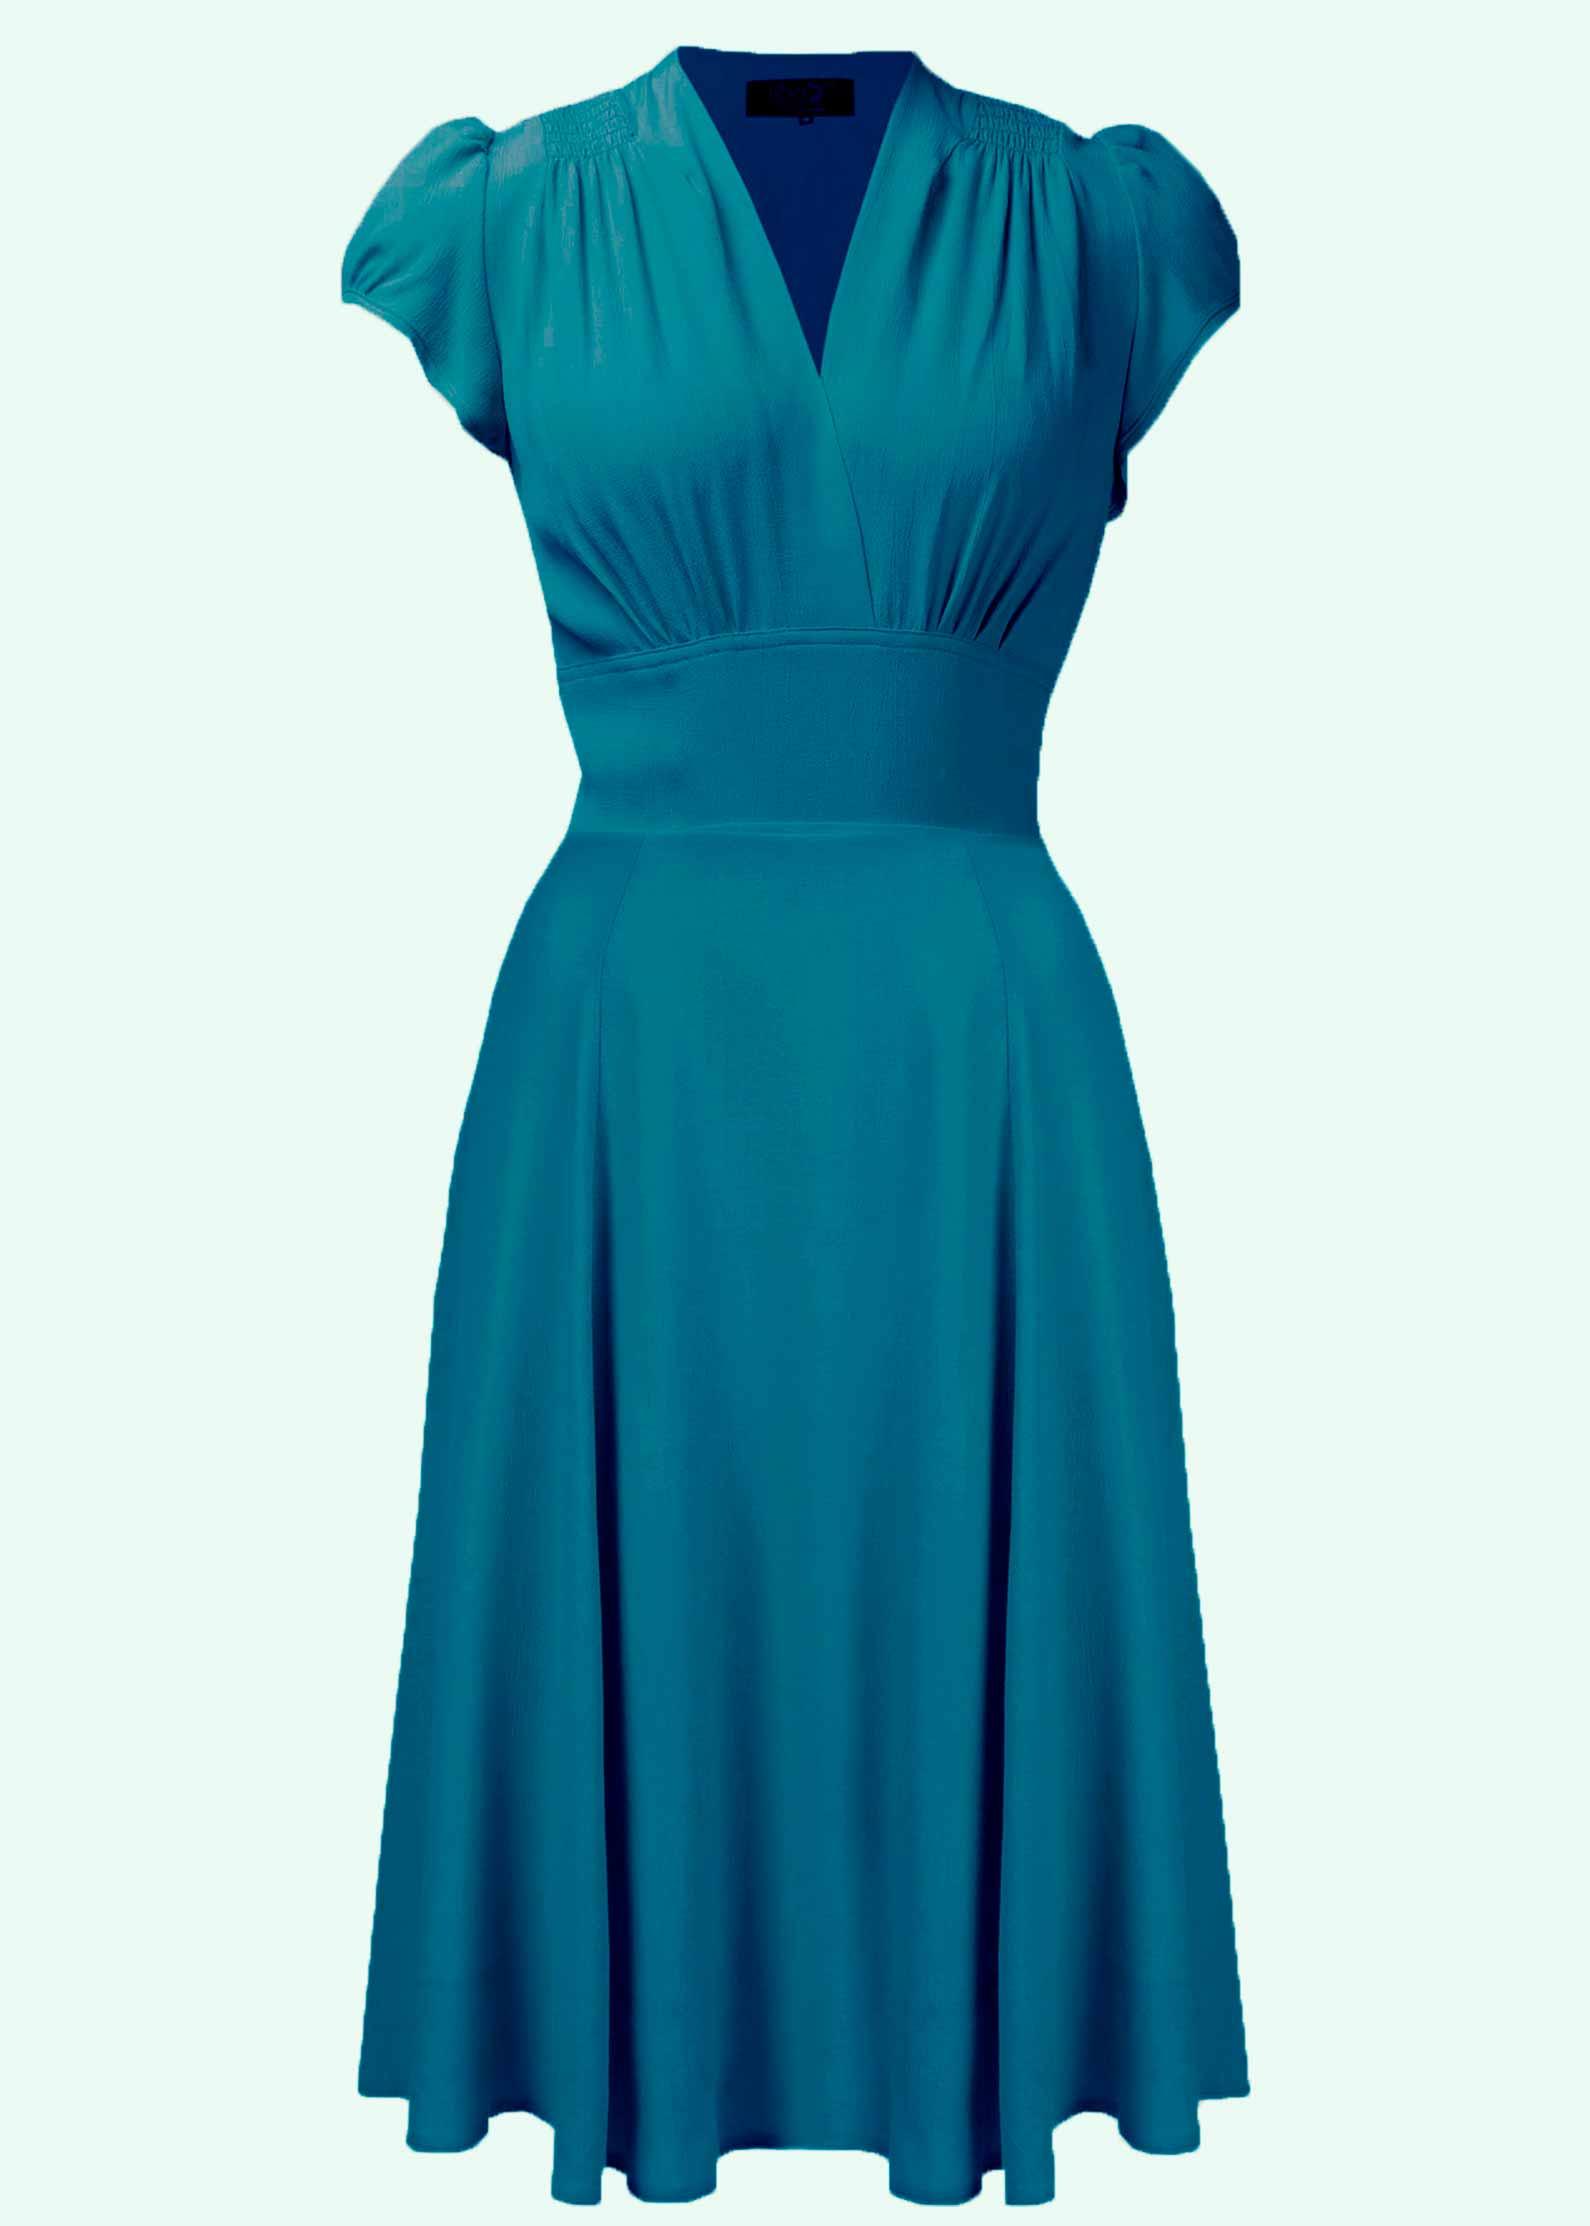 Ava kjolen fra The House Of Foxy i Teal